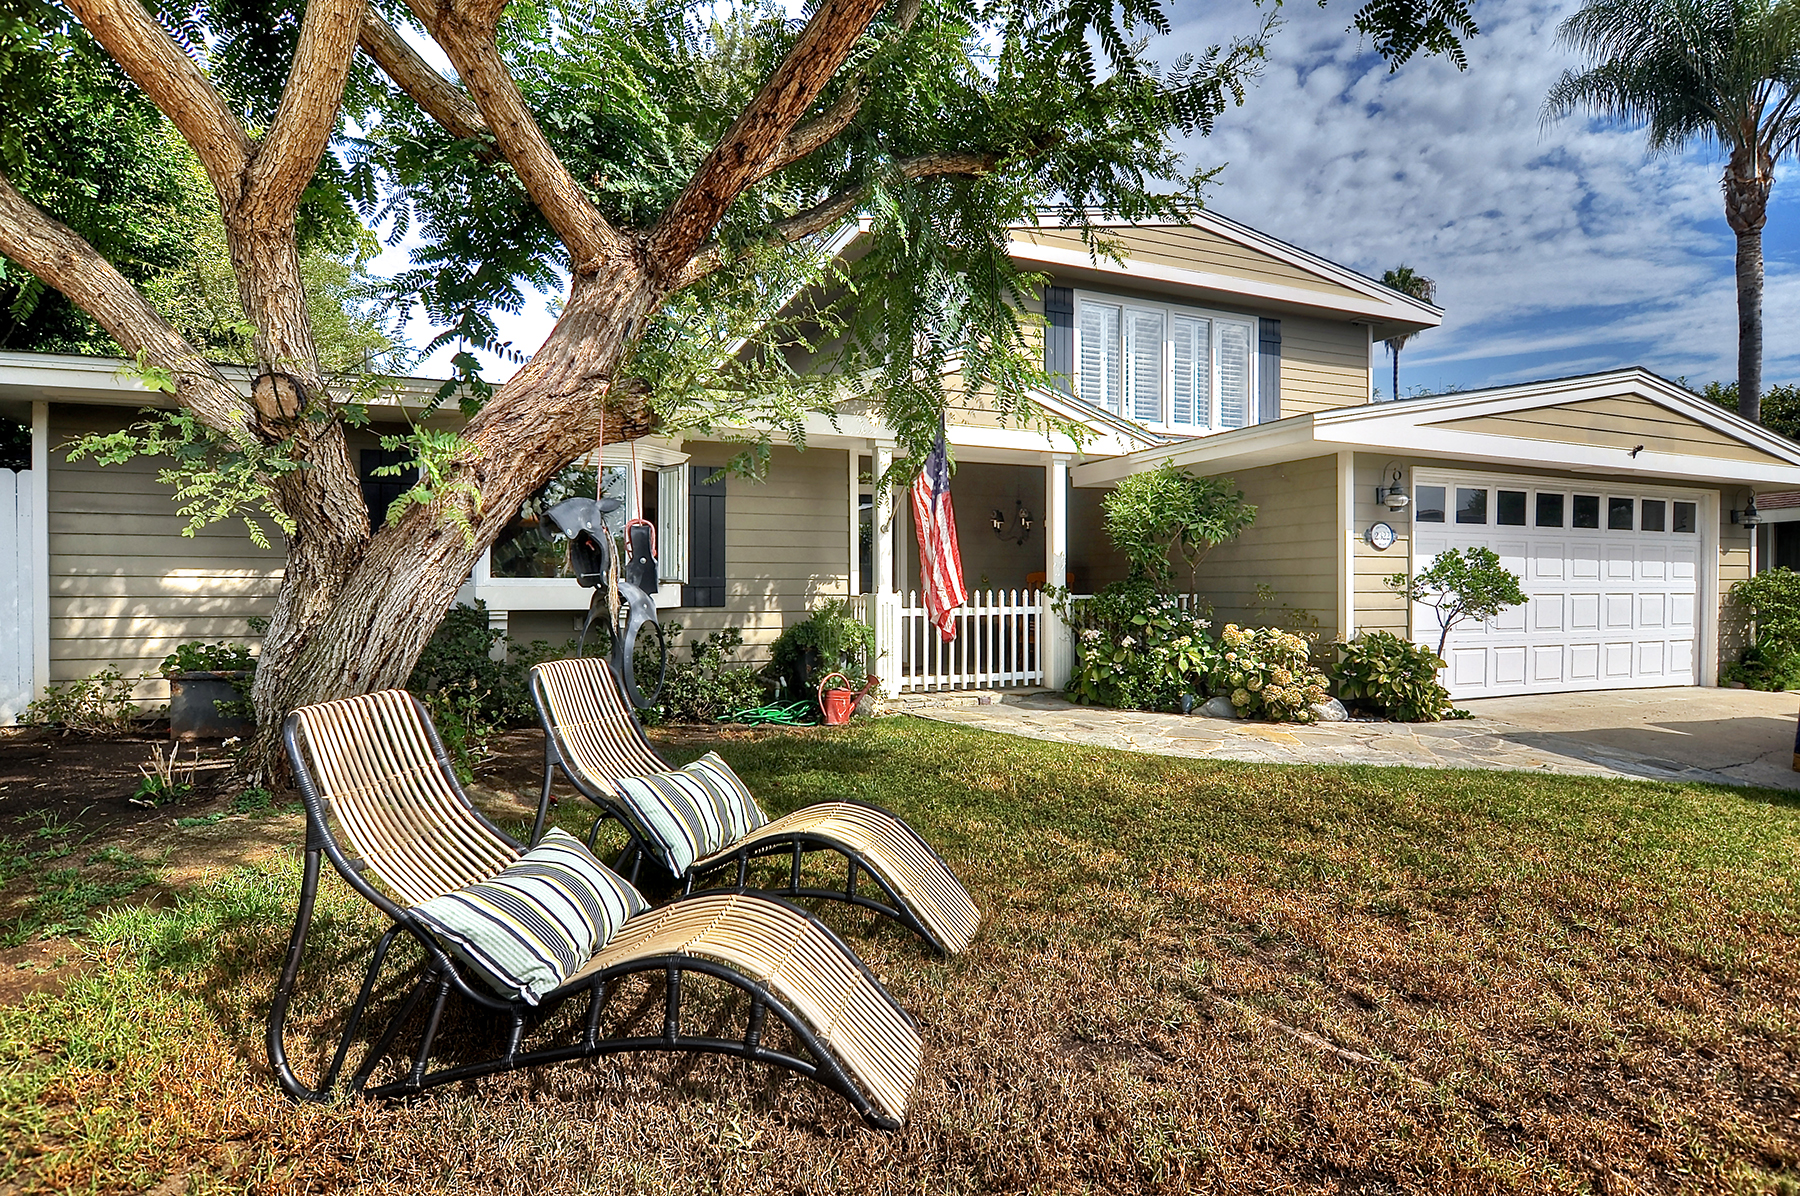 Maison unifamiliale pour l Vente à 2322 Private Rd Newport Beach, Californie 92660 États-Unis